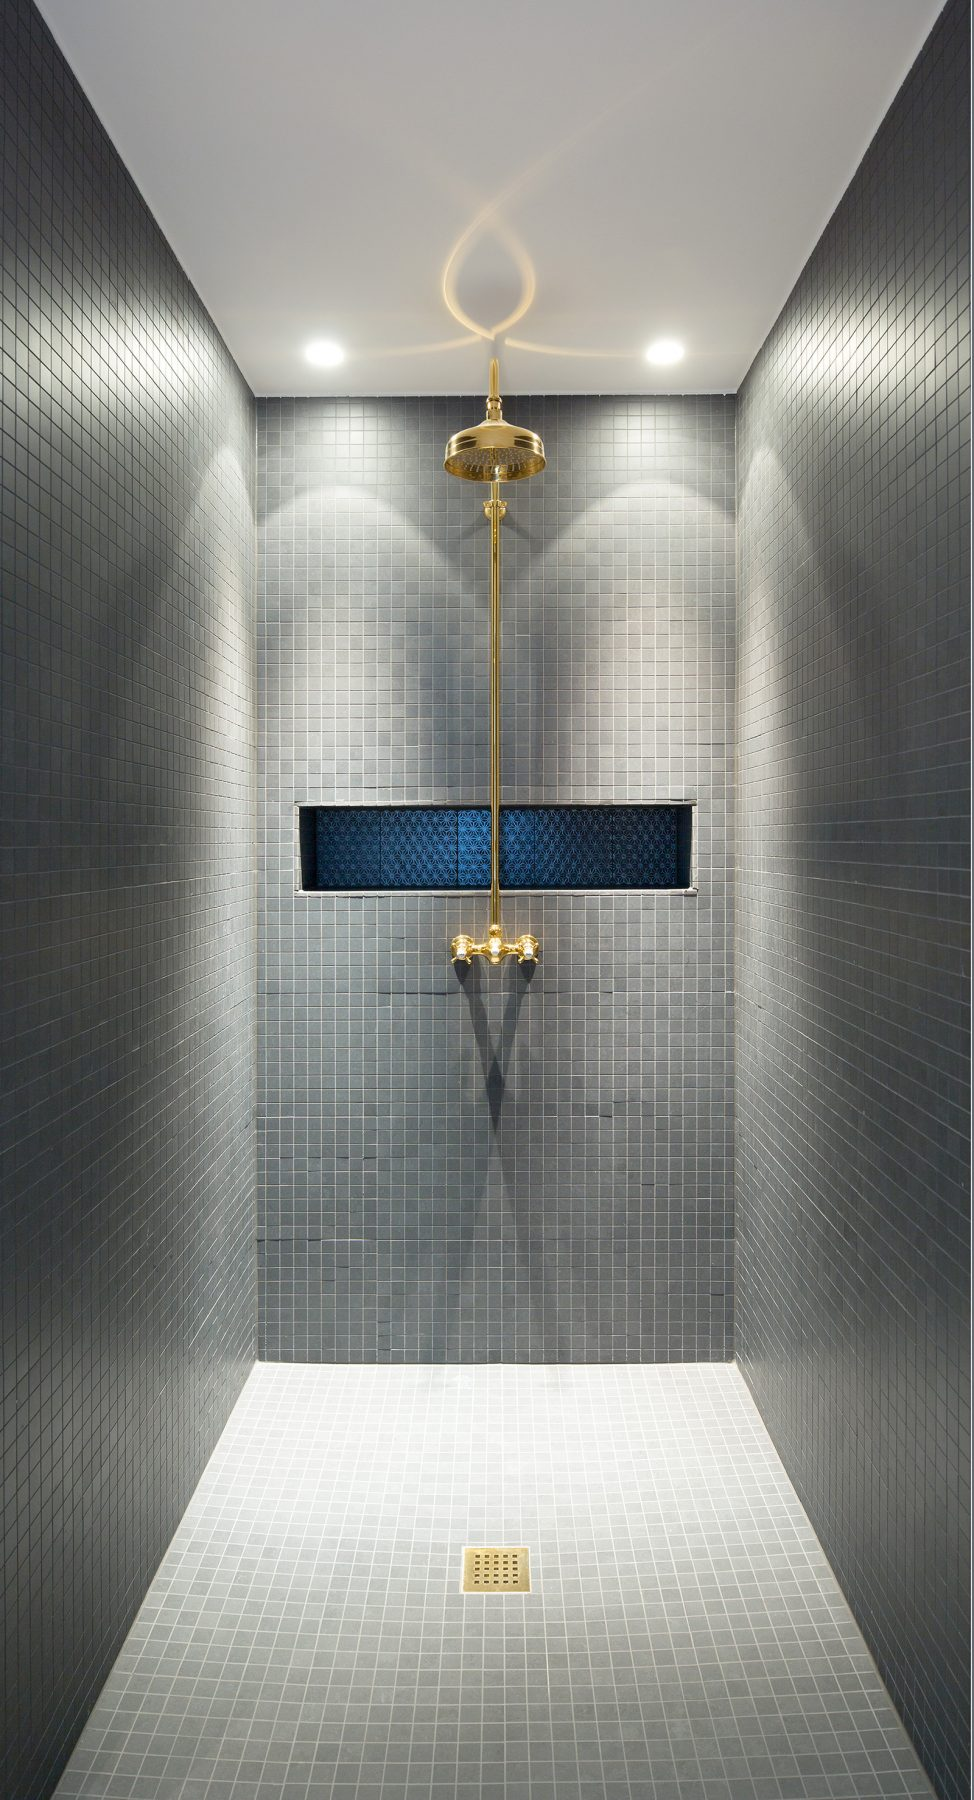 Sprchový kút je obložený malými sivými obkladačkami ktoré nechávajú vyniknúť sprchovú hlavicu batériu a odtokovú mriežku z mosadze.